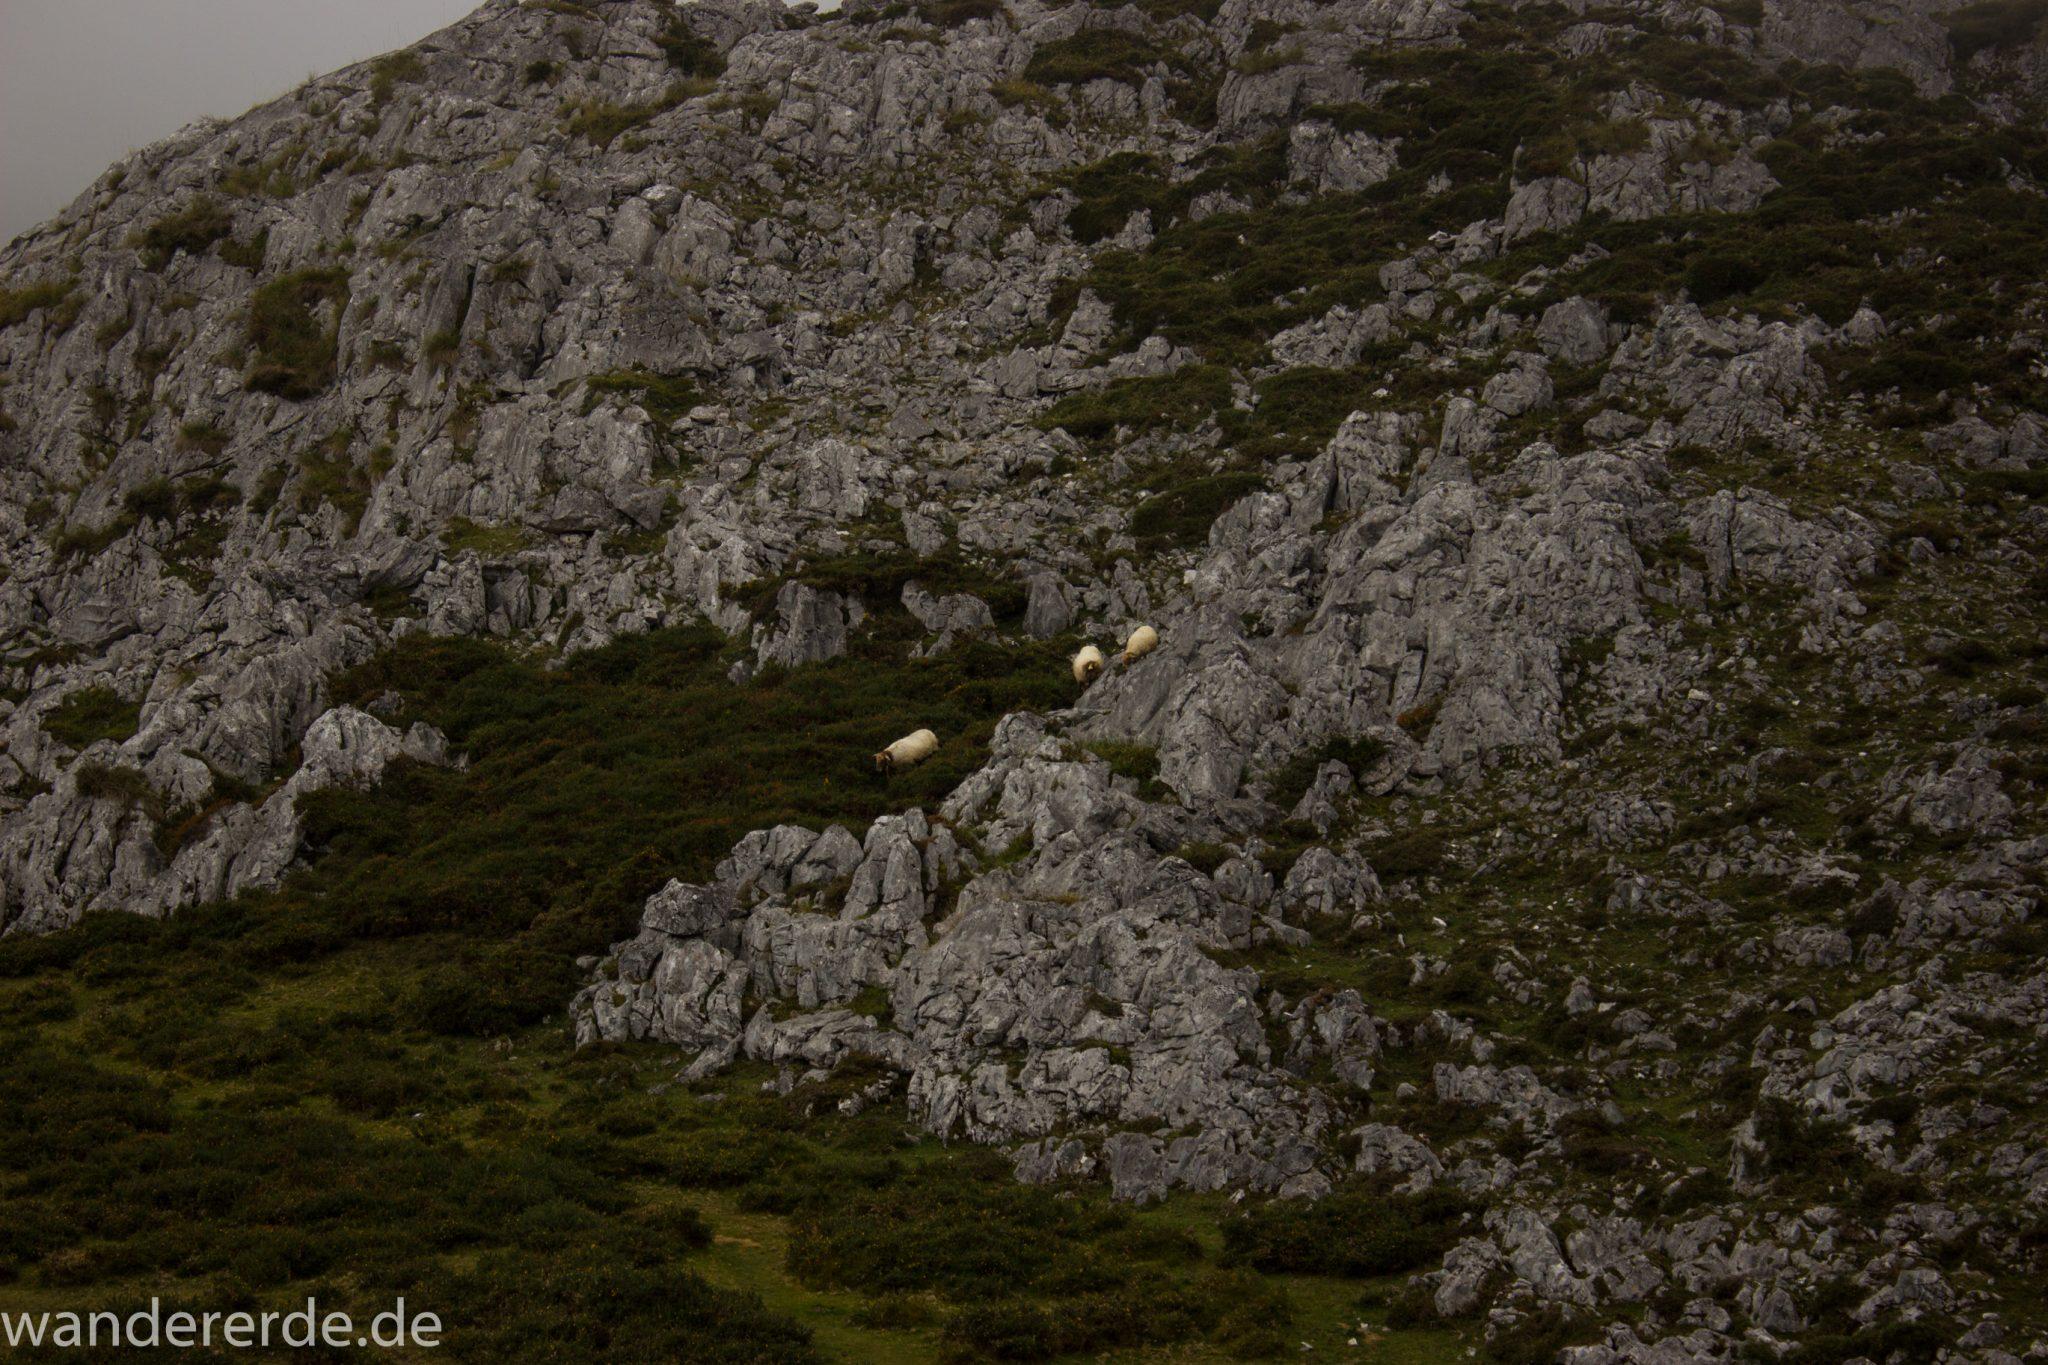 Wanderung Vega de Ario Picos de Europa Spanien, Schafe grasen auf Wiese, Berghang, dichte Wolken, Bergregion in Nordspanien, Wandern, atmosphärisch, saftig grüne Wiese und Büsche